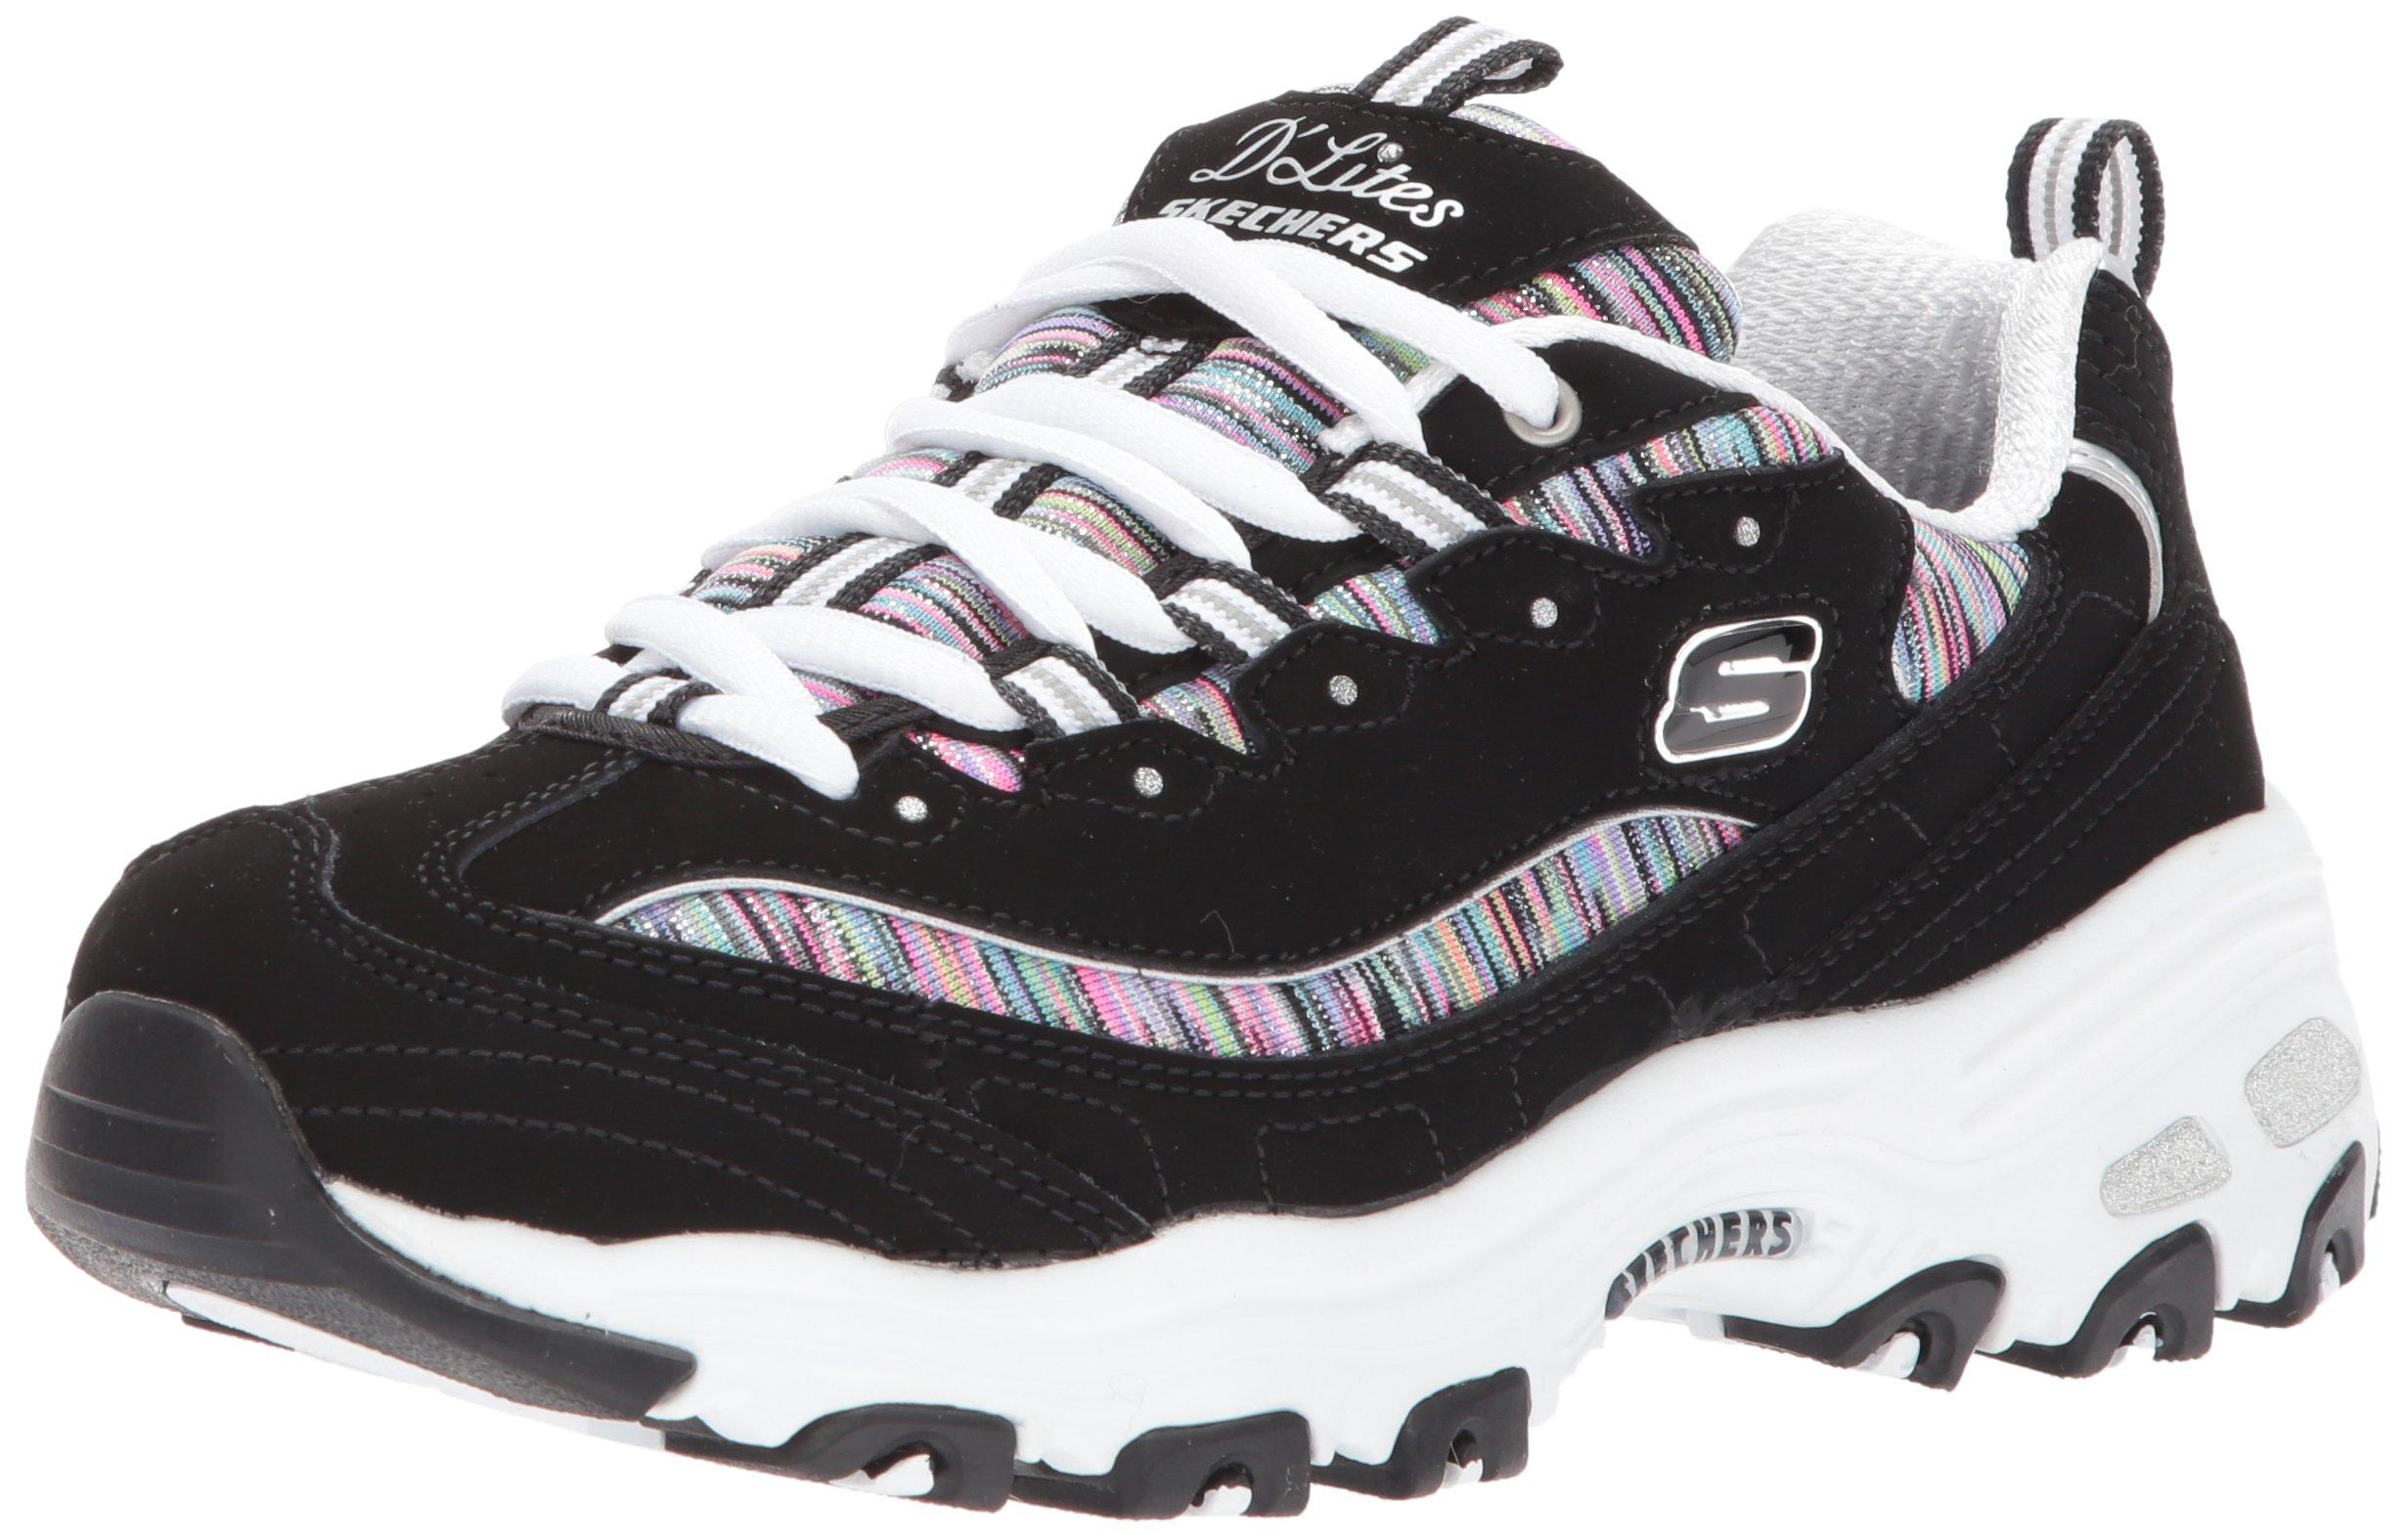 Skechers Sport Women's DLites Interlude Sneaker,Black/Multi,9 W US